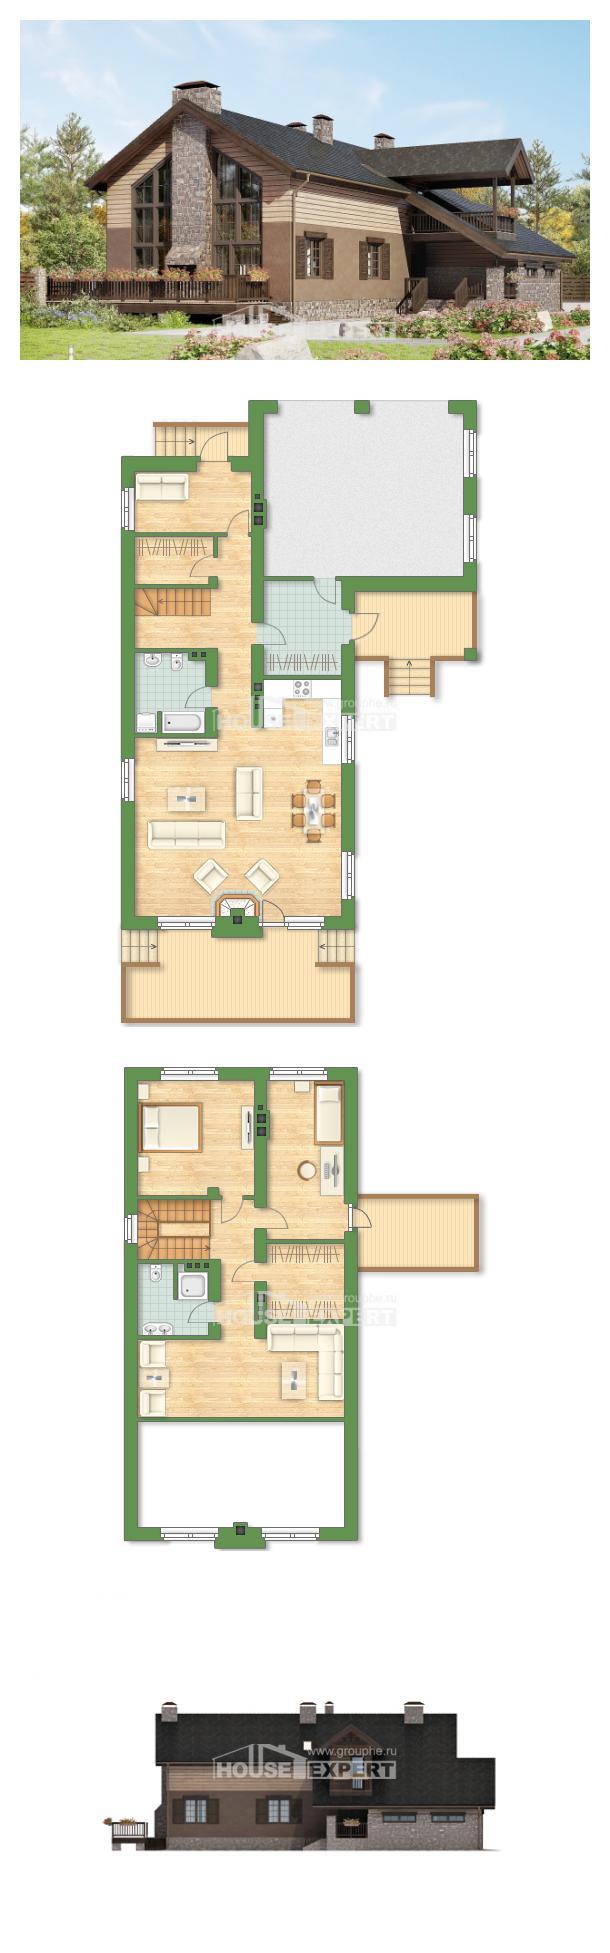 Plan 240-002-R | House Expert